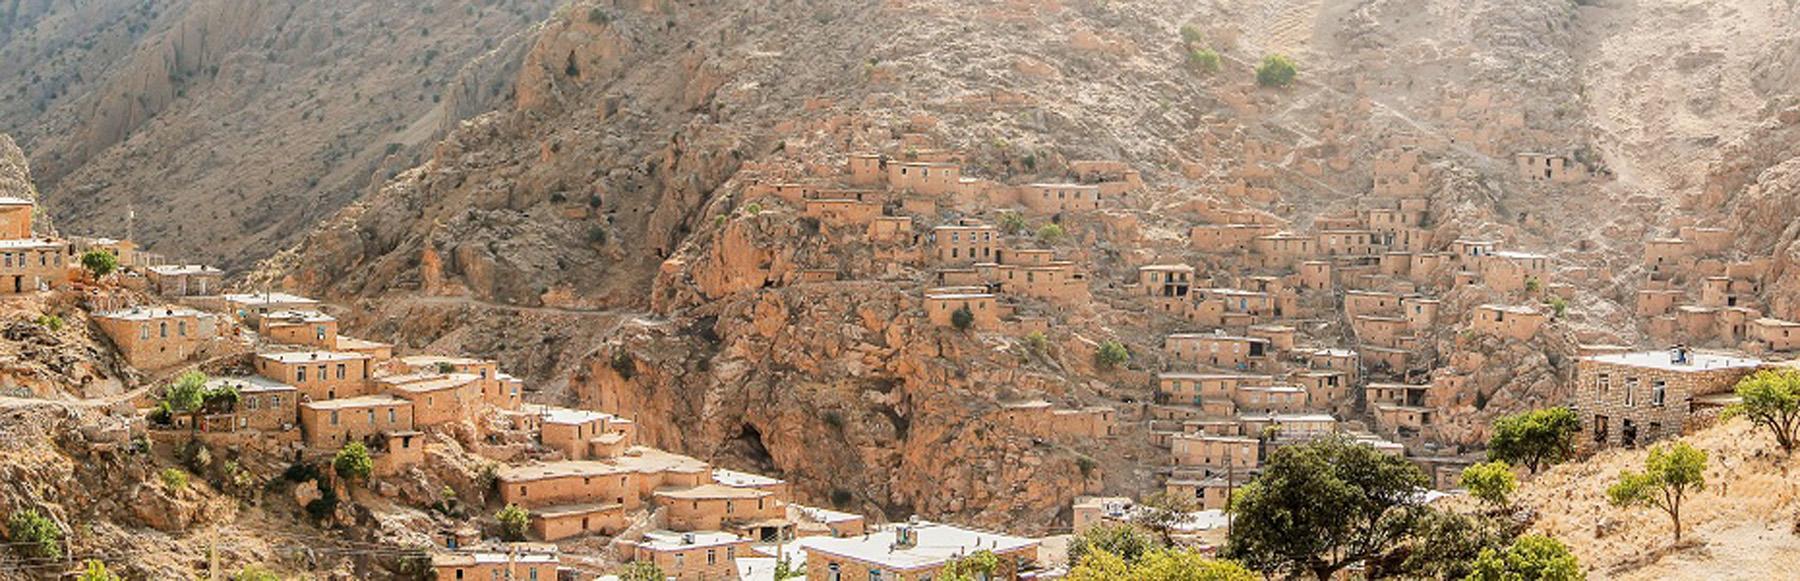 Ciekawe miejsca w Iranie